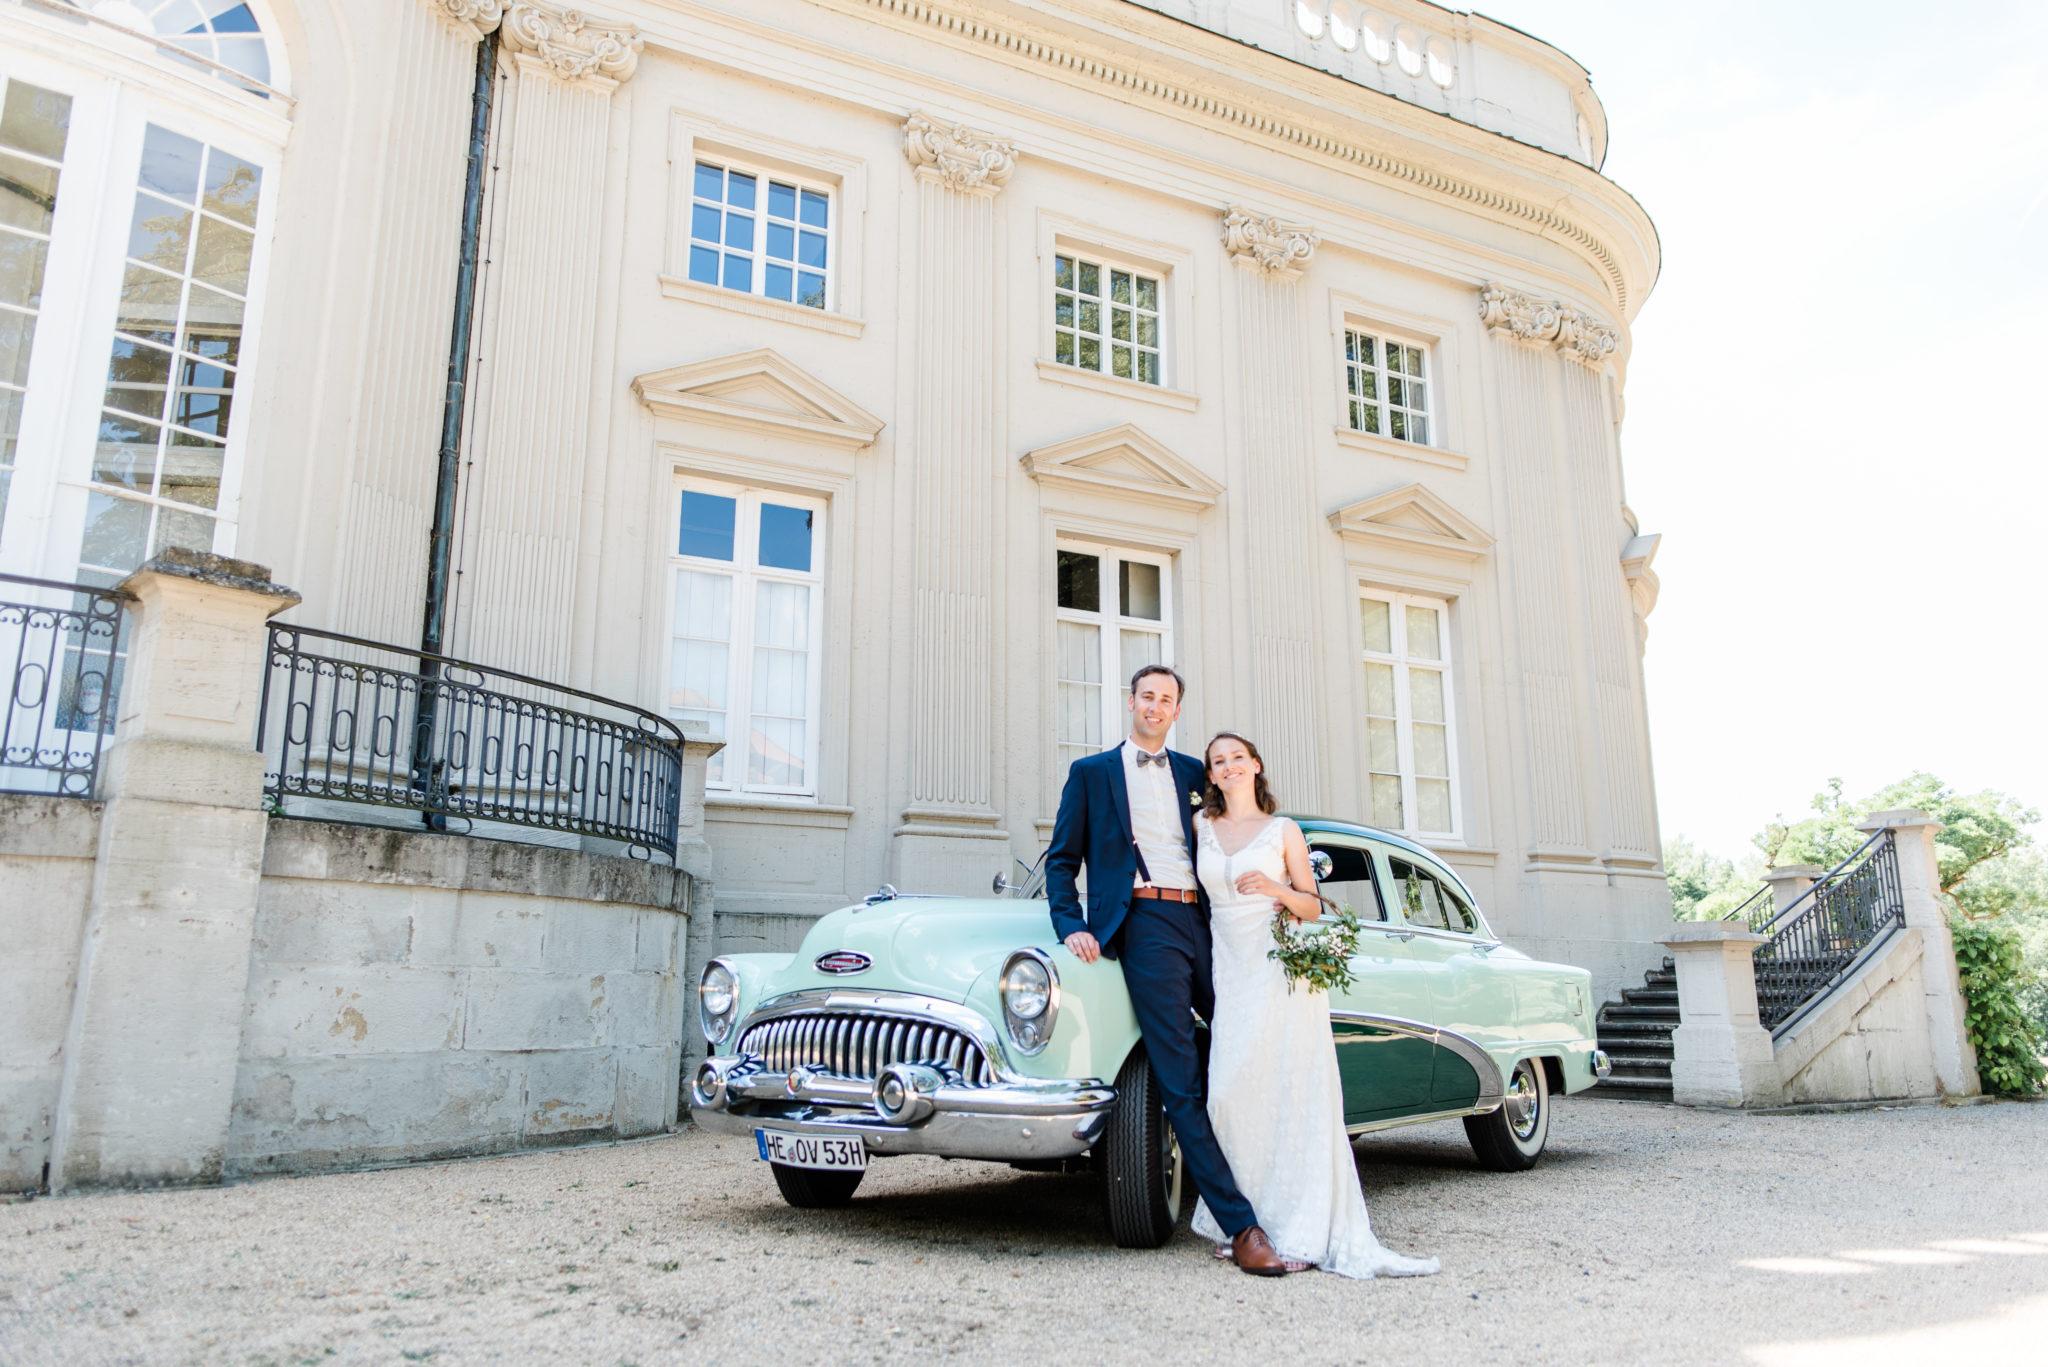 Svenja und Ben Fotografie Hochzeitsfotos Kassel Ostsee Meer Sankt Peter Ording Mallorca Elopement Weddingphotographer Hochzeitsfotografen Braunschweig